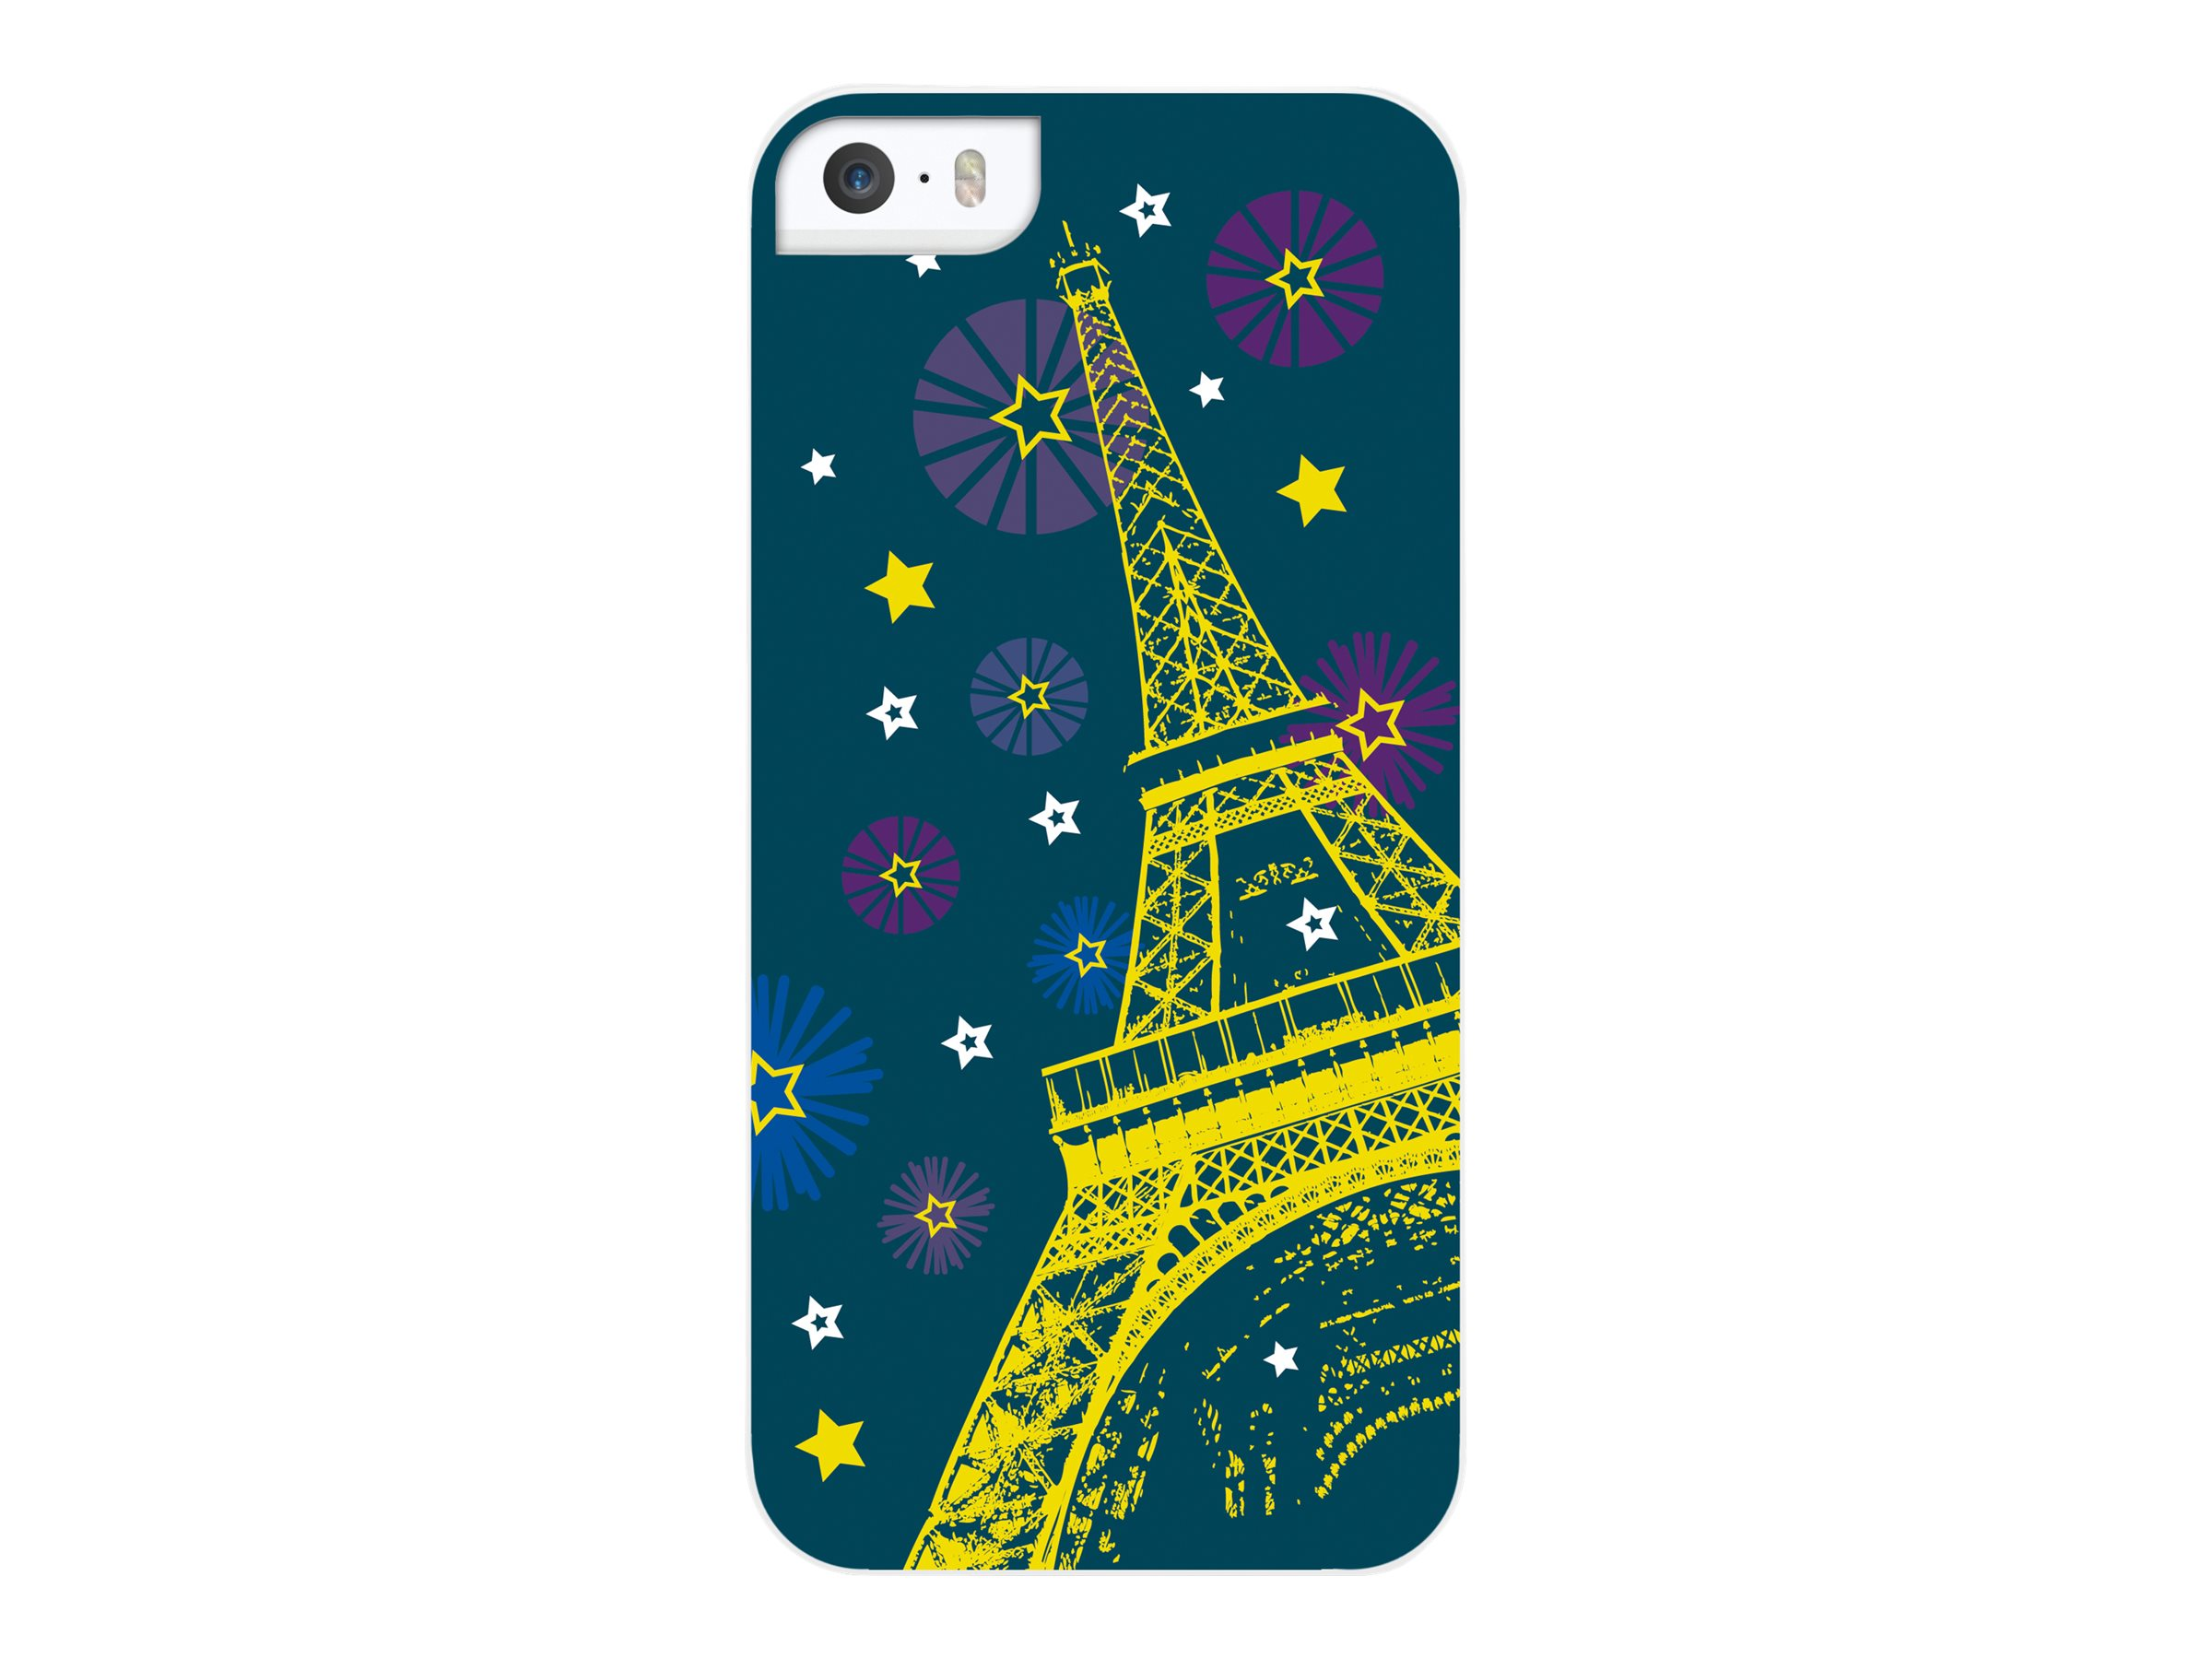 Muvit Customline Géométrique - Paris Eiffel Fireworks coque de protection pour téléphone portable